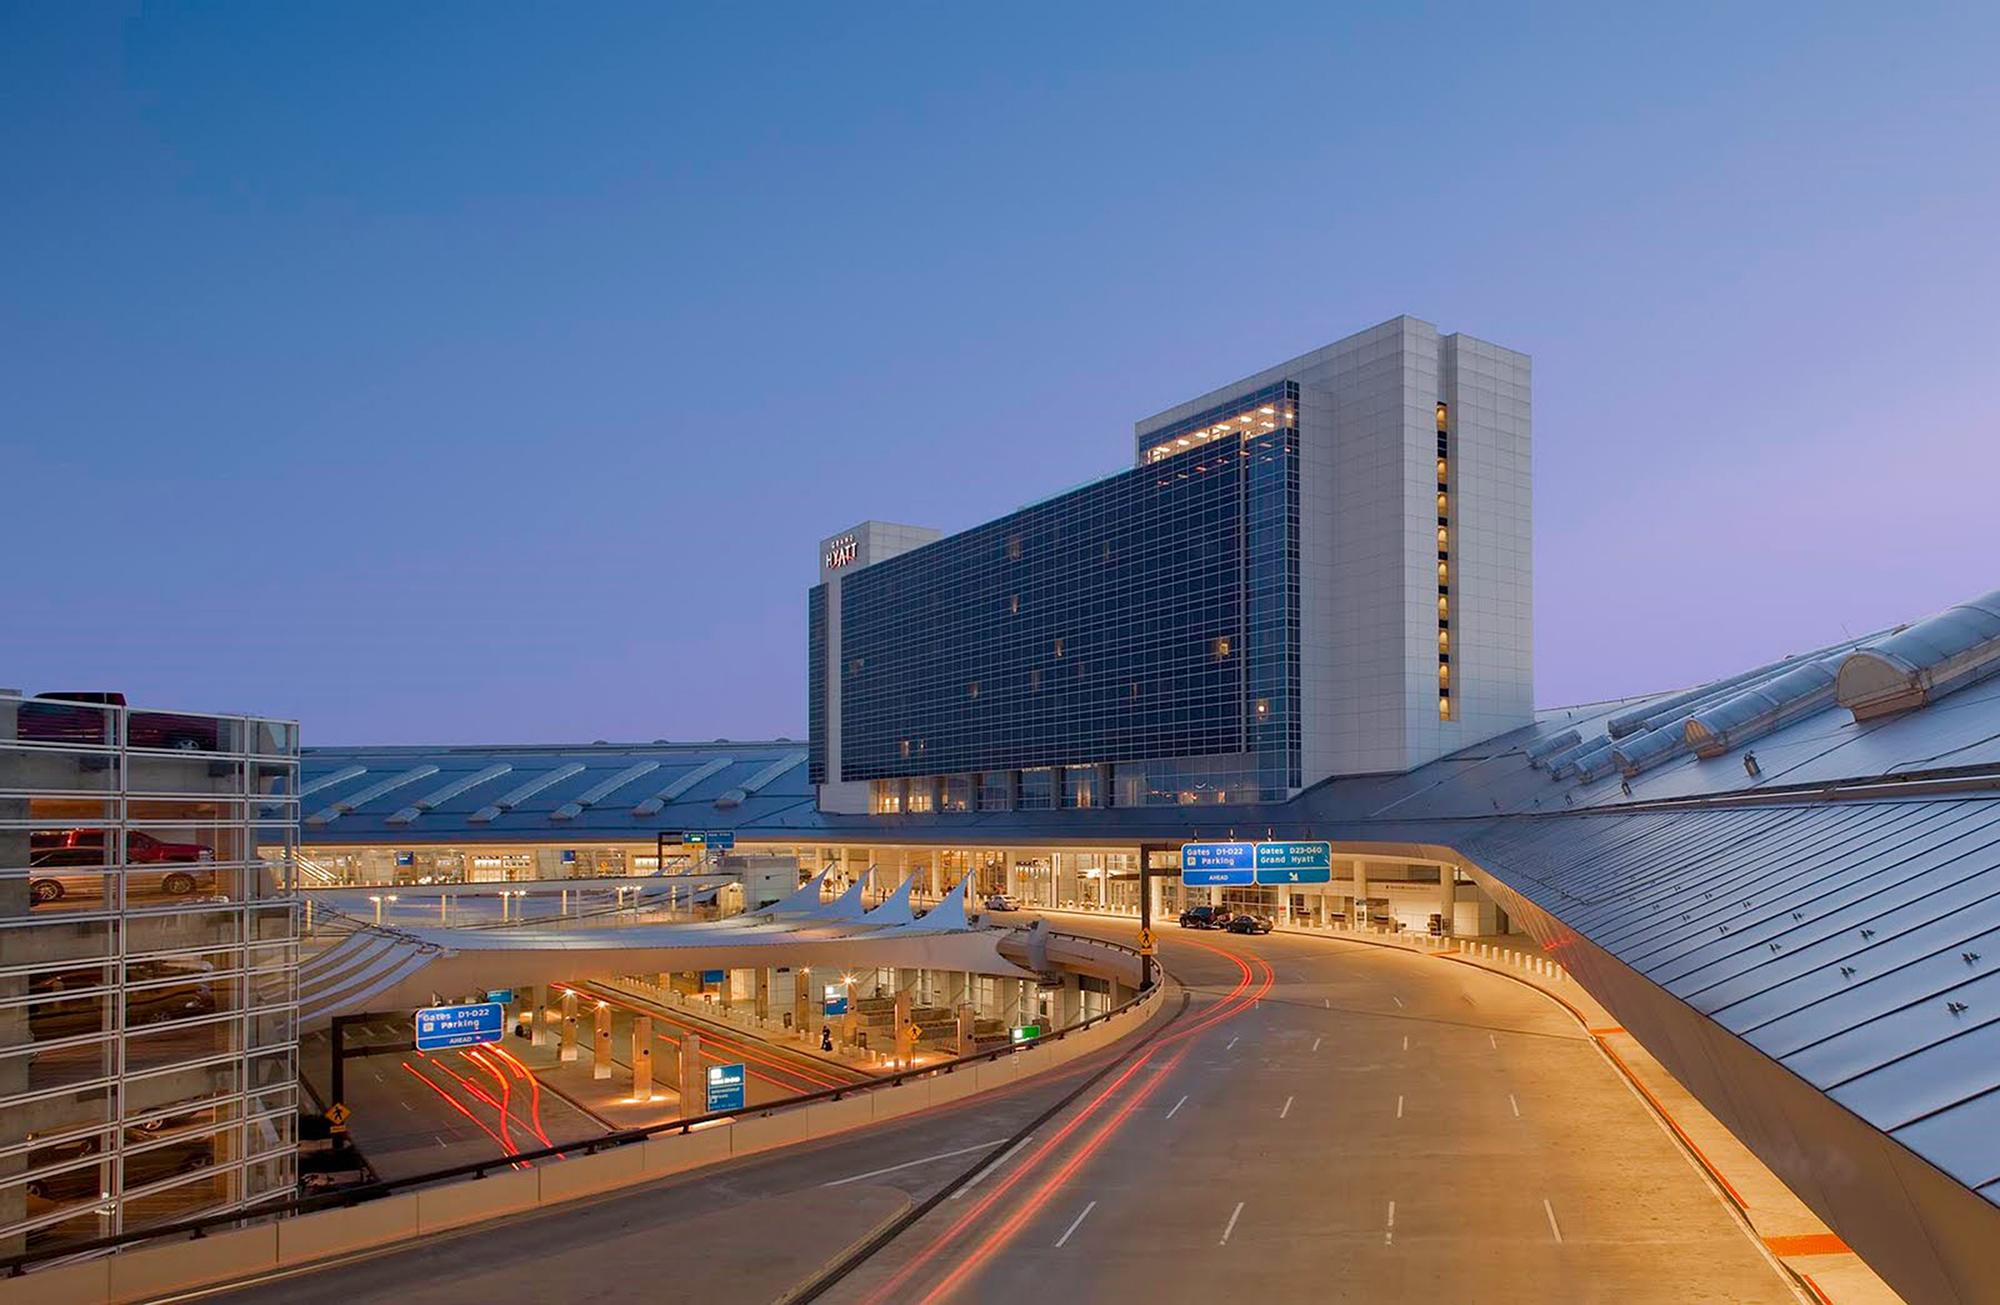 Grand Hyatt DFW Hotel - The Beck Group